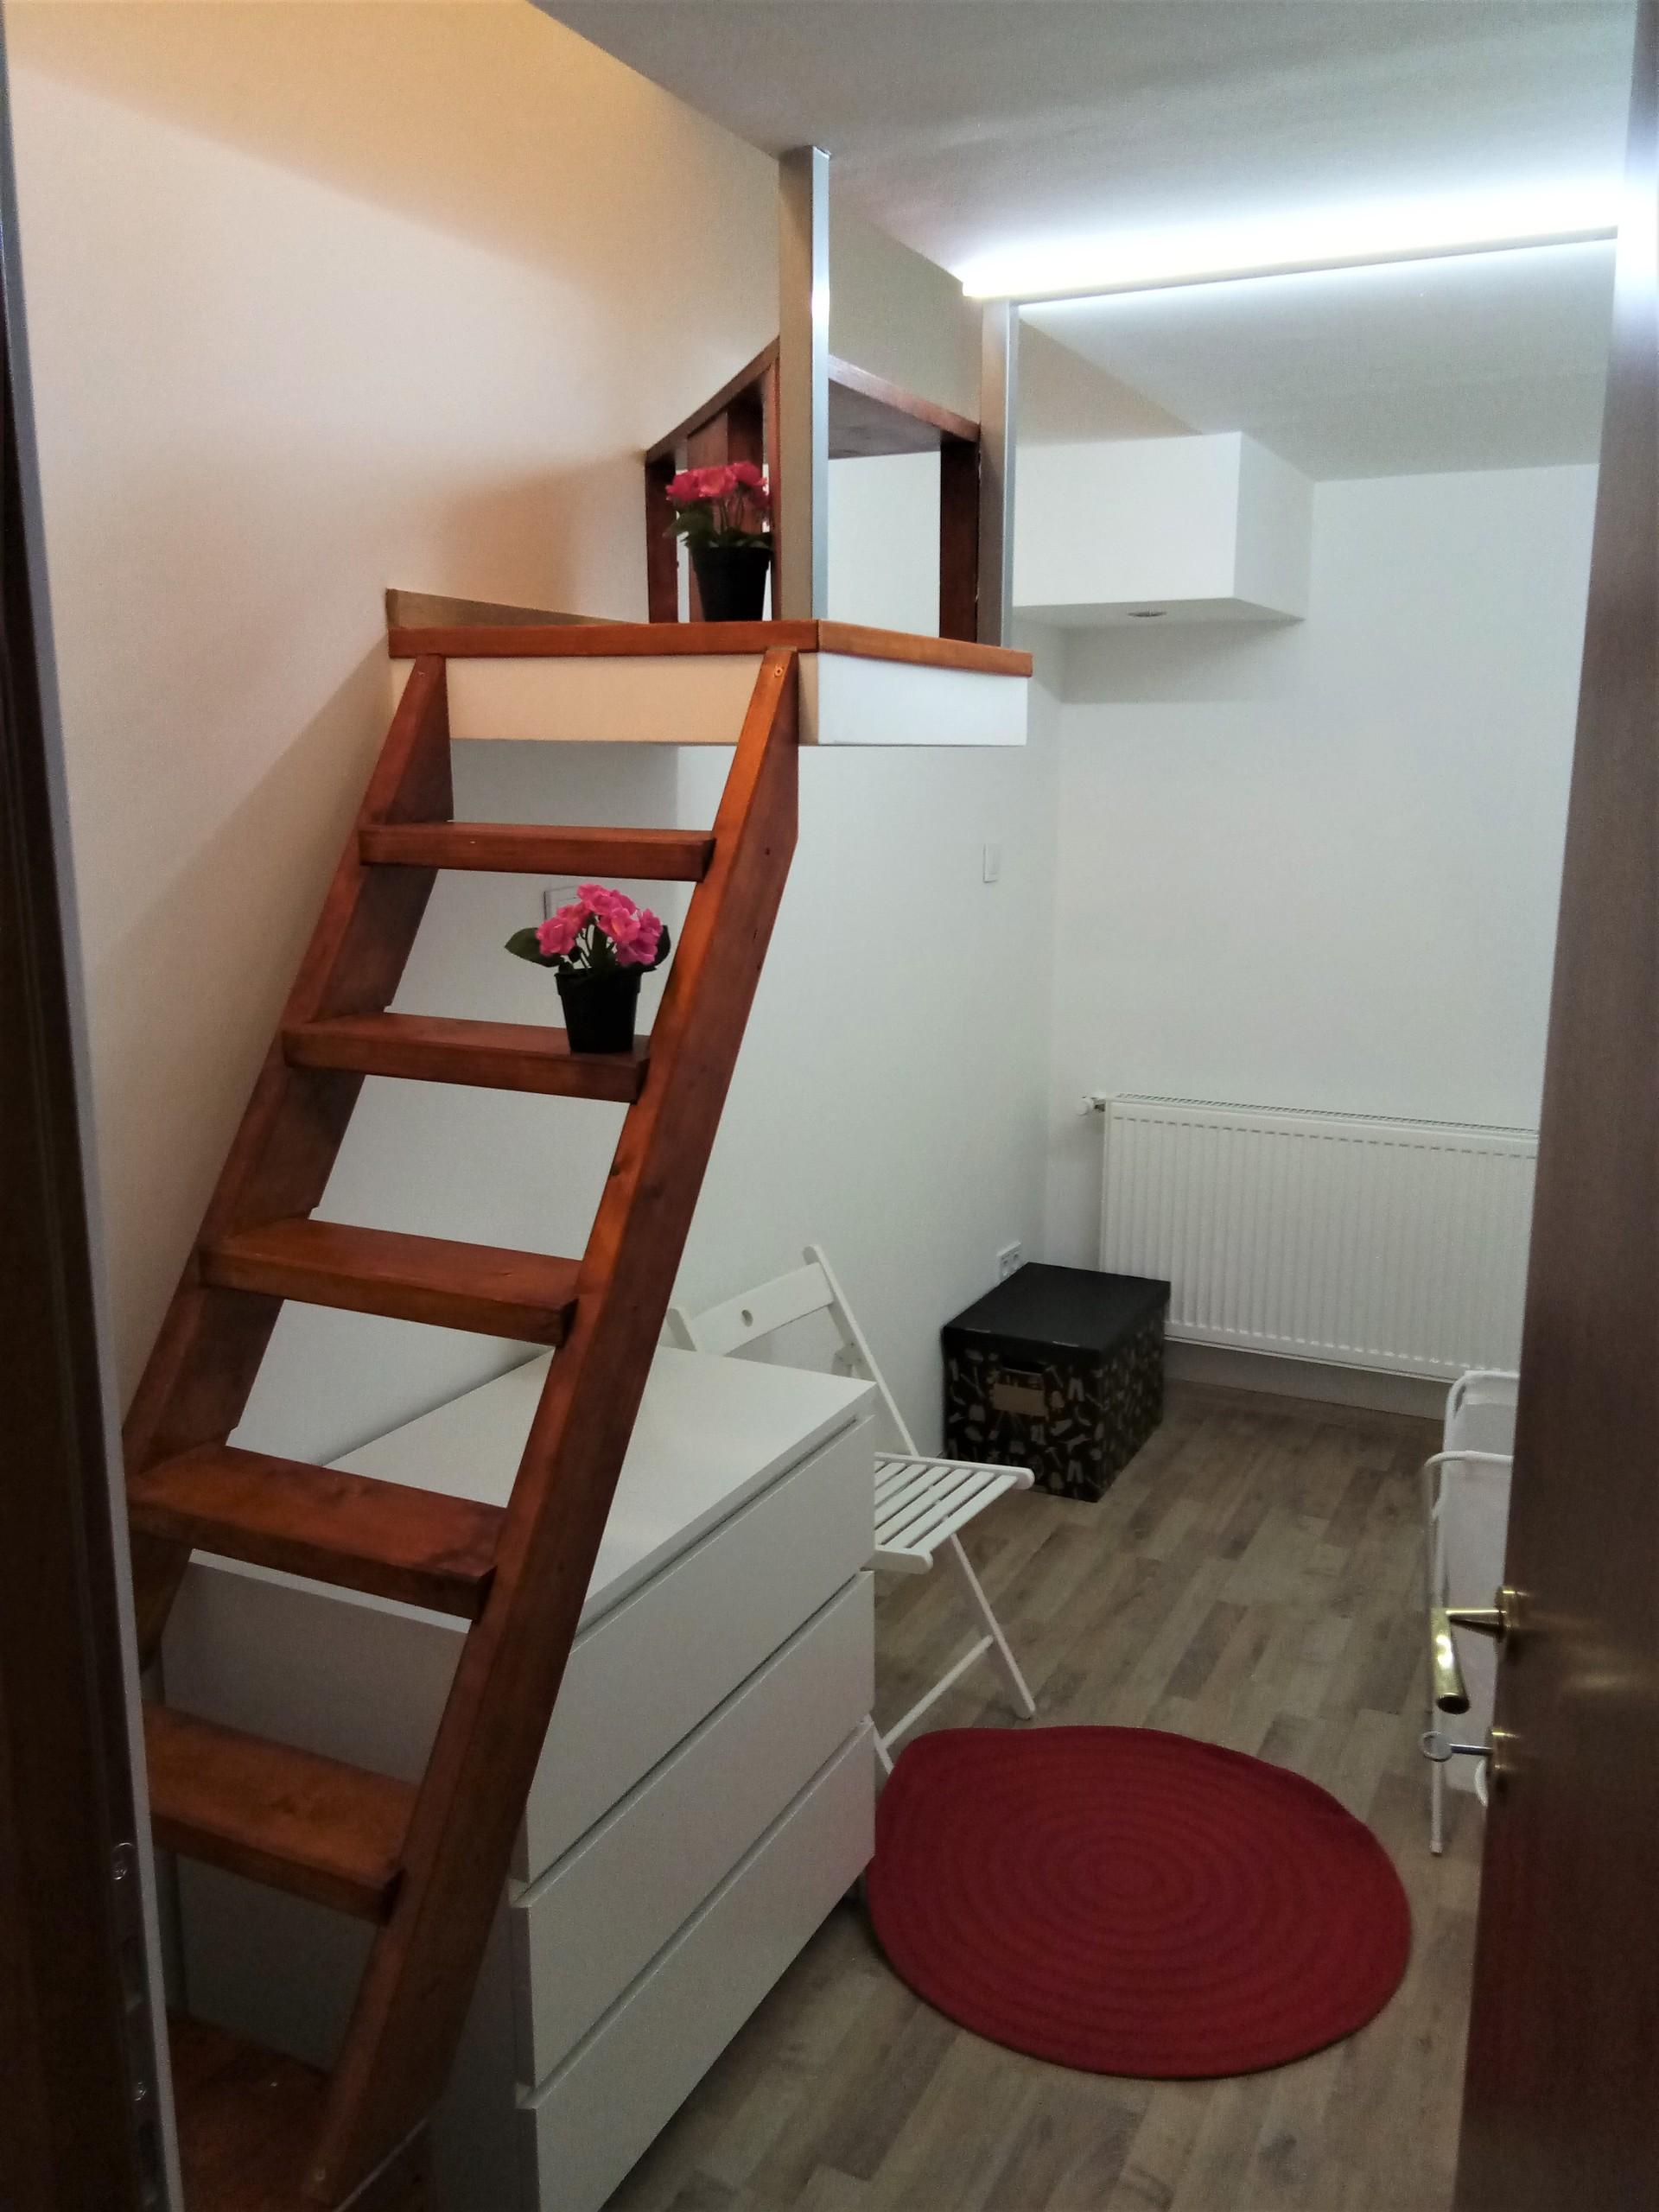 5 bedrooms ap in kozraktar utca *tram 4 and 6